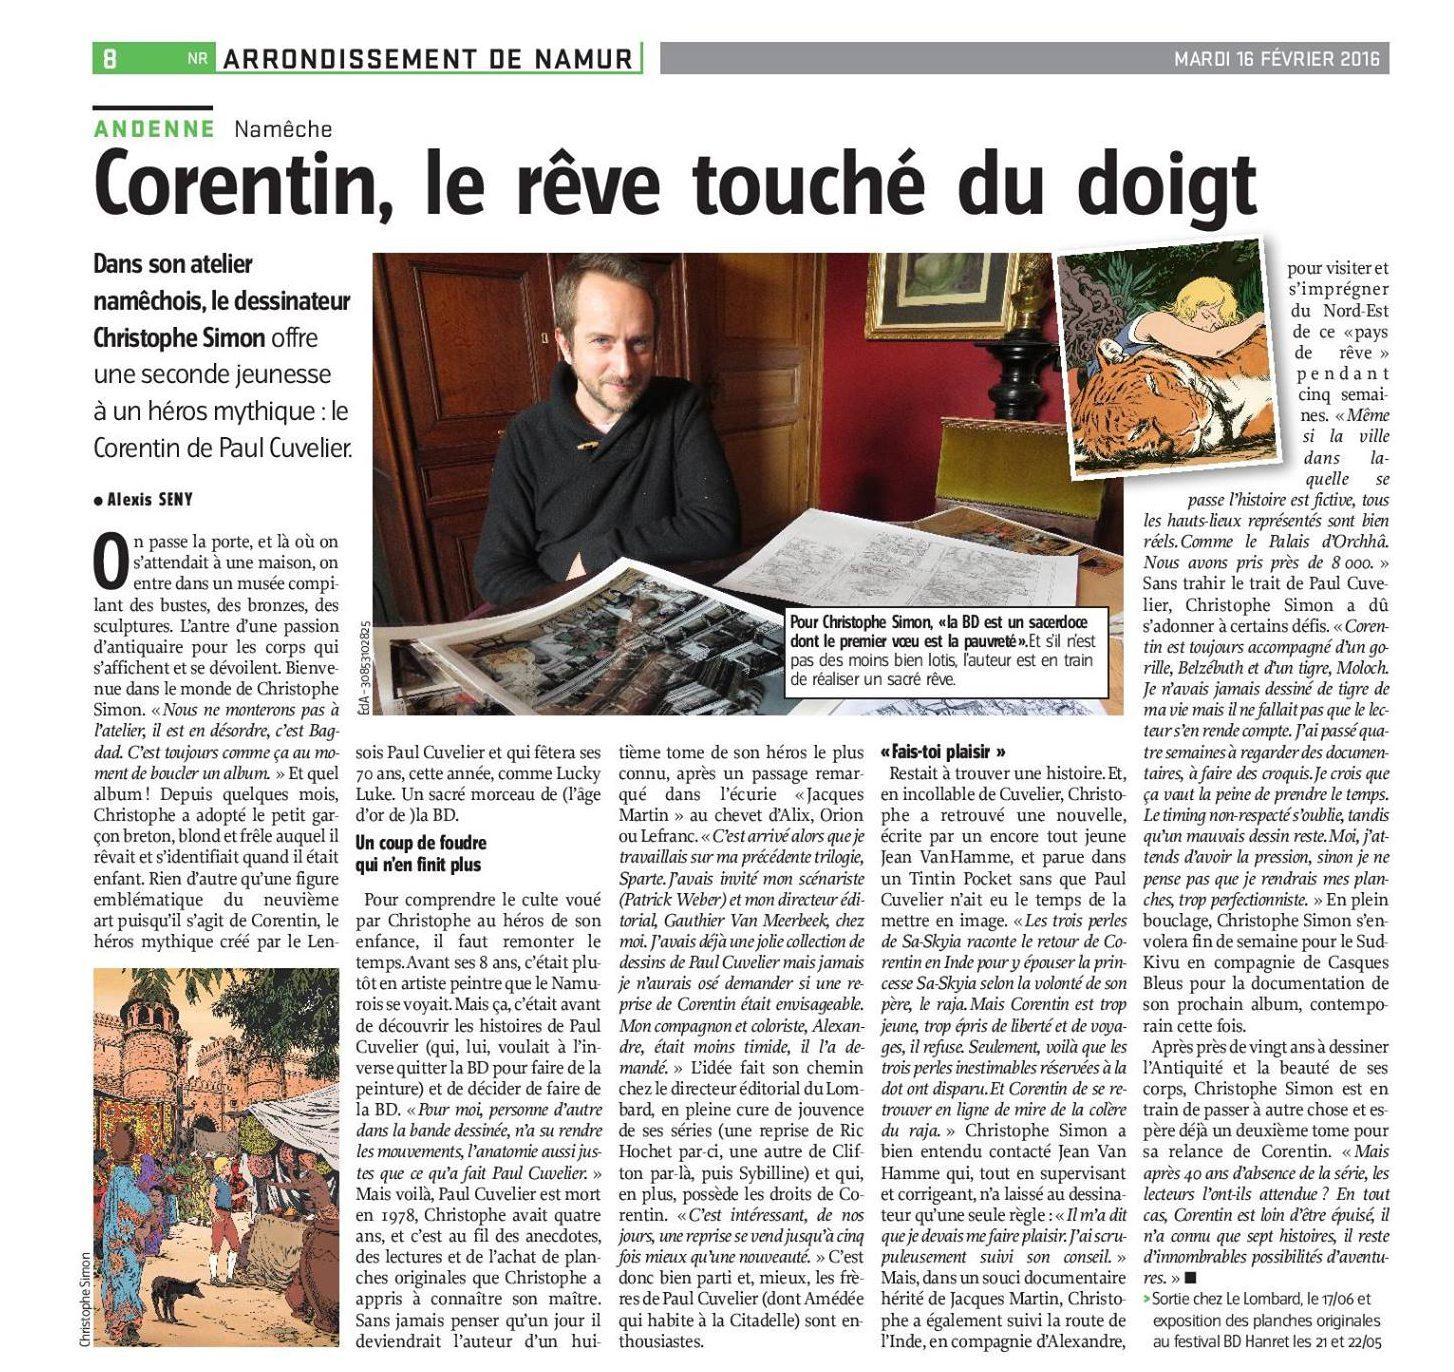 Corentin - Les trois perles de Sa-Sky - Cuvelier Van Hamme - Simon - Carpentier - Interview